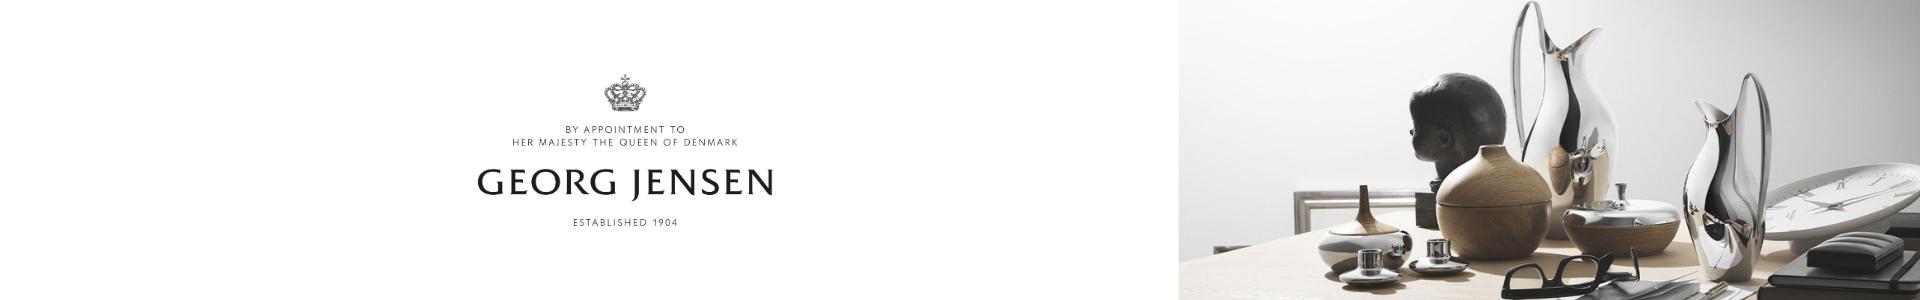 banner georg jensen shop online code discount sale codice sconto